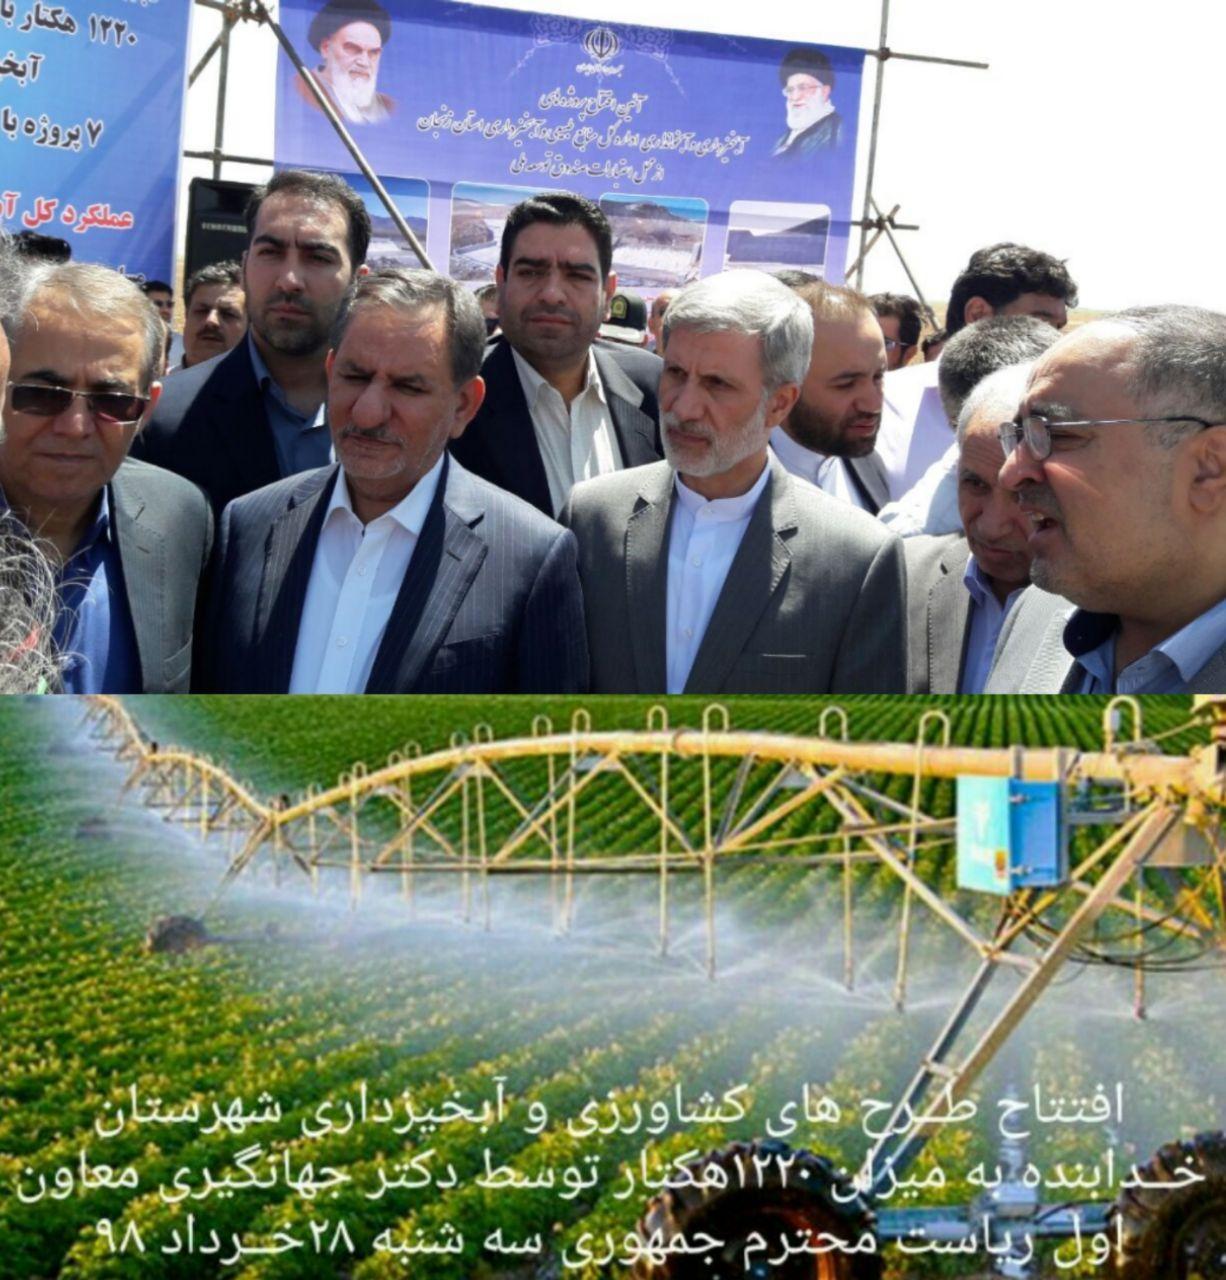 افتتاح ۷ پروژه آبخیزداری از محل اعتبارات صندوق توسعه ملی